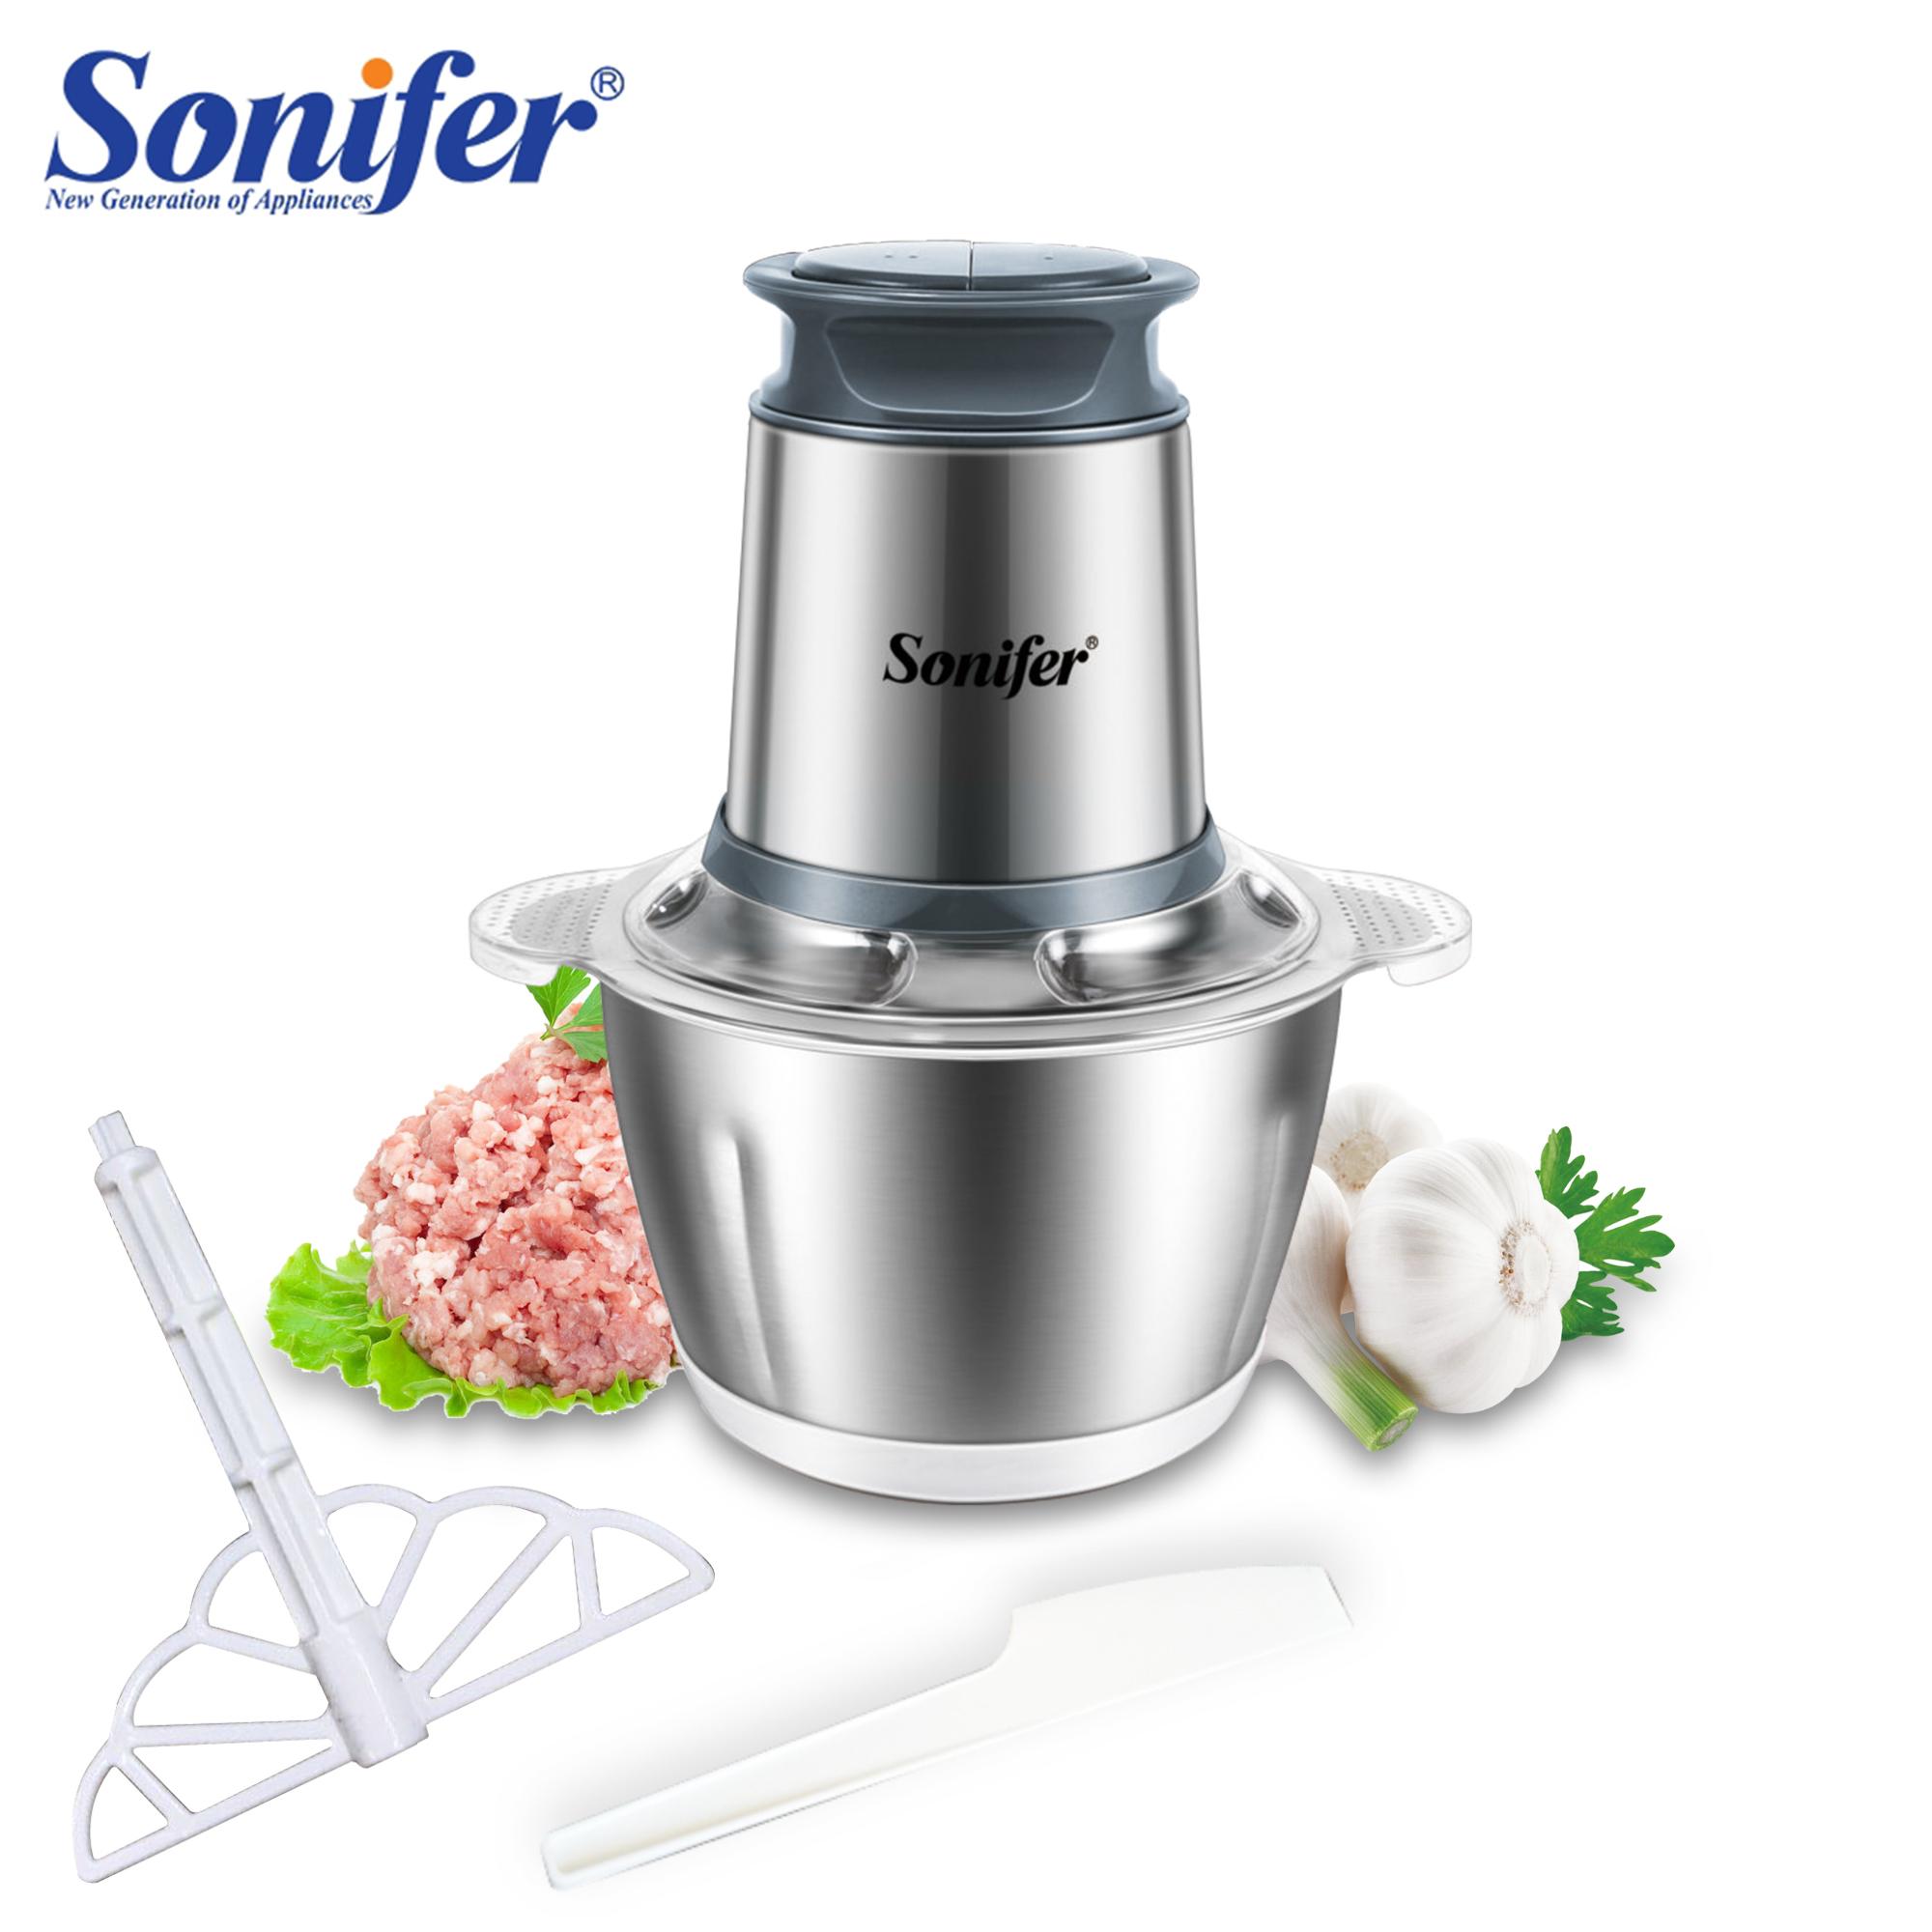 2 Speeds Stainless Steel Electric Chopper Meat Grinder Mincer Food Processor Slicer Egg Beater Vegetable Meat Grinder Sonifer